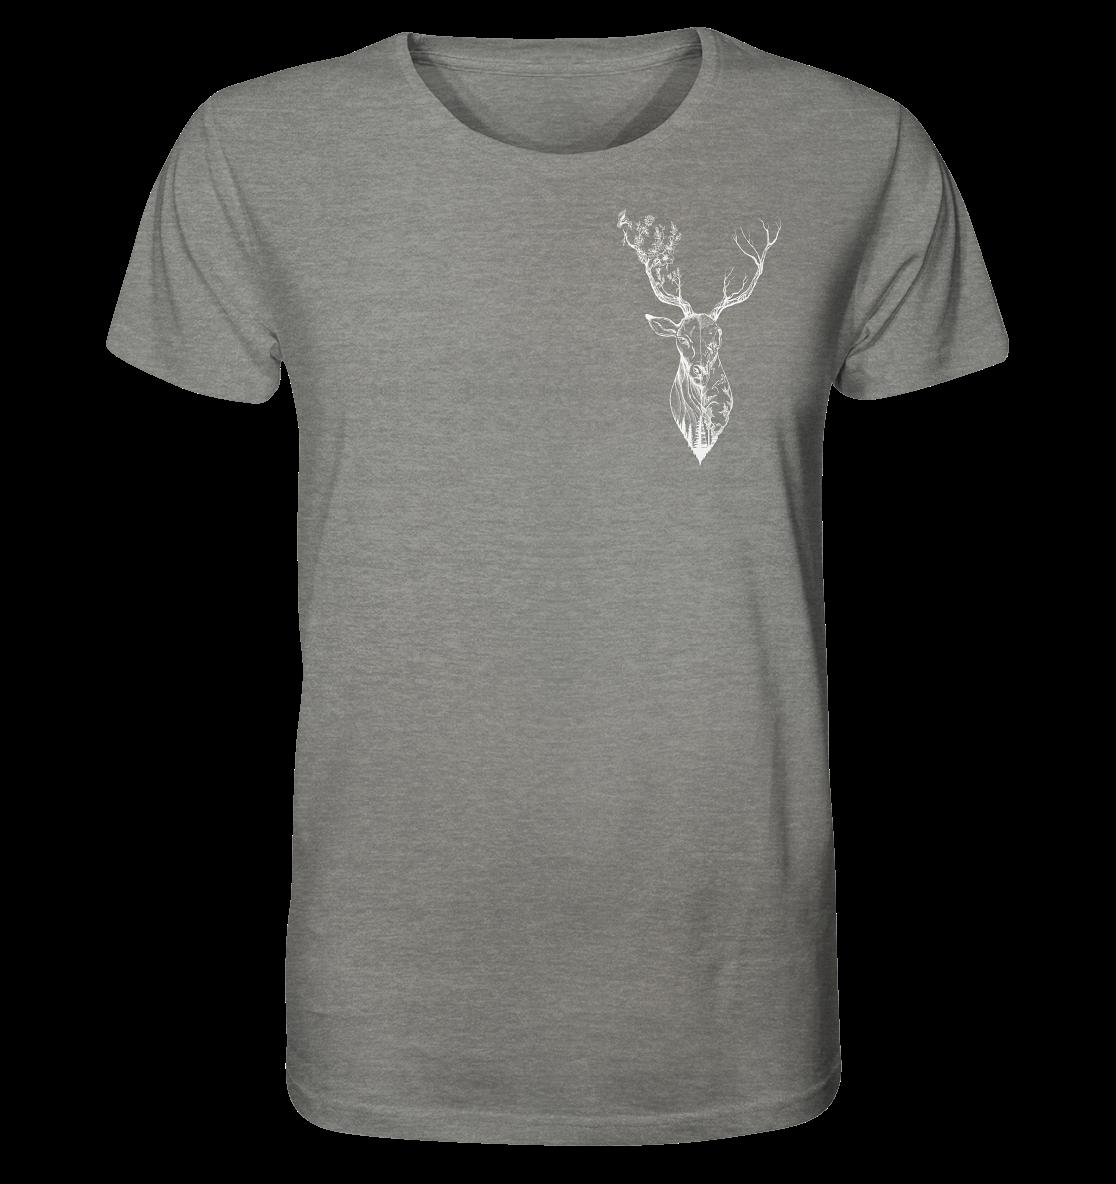 front-organic-shirt-meliert-818381-1116x-8.png